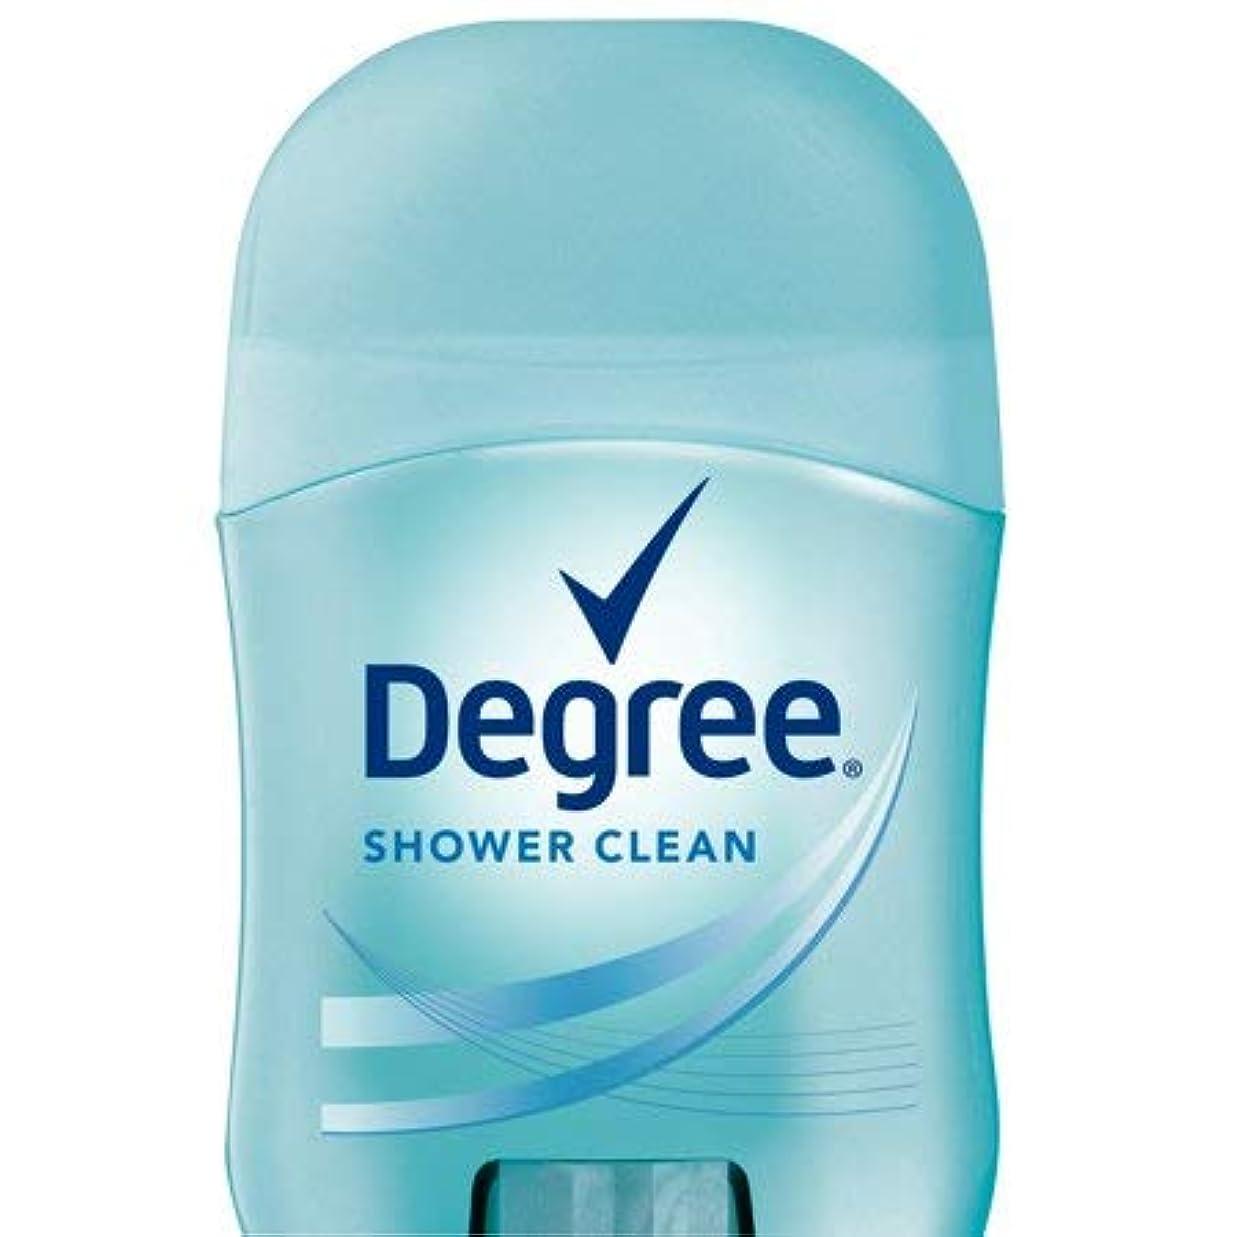 突然肘栄光のDegree Women Shower Clean Dry Protection Antiperspirant Deodorant, 0.5 oz (14g) [並行輸入品]